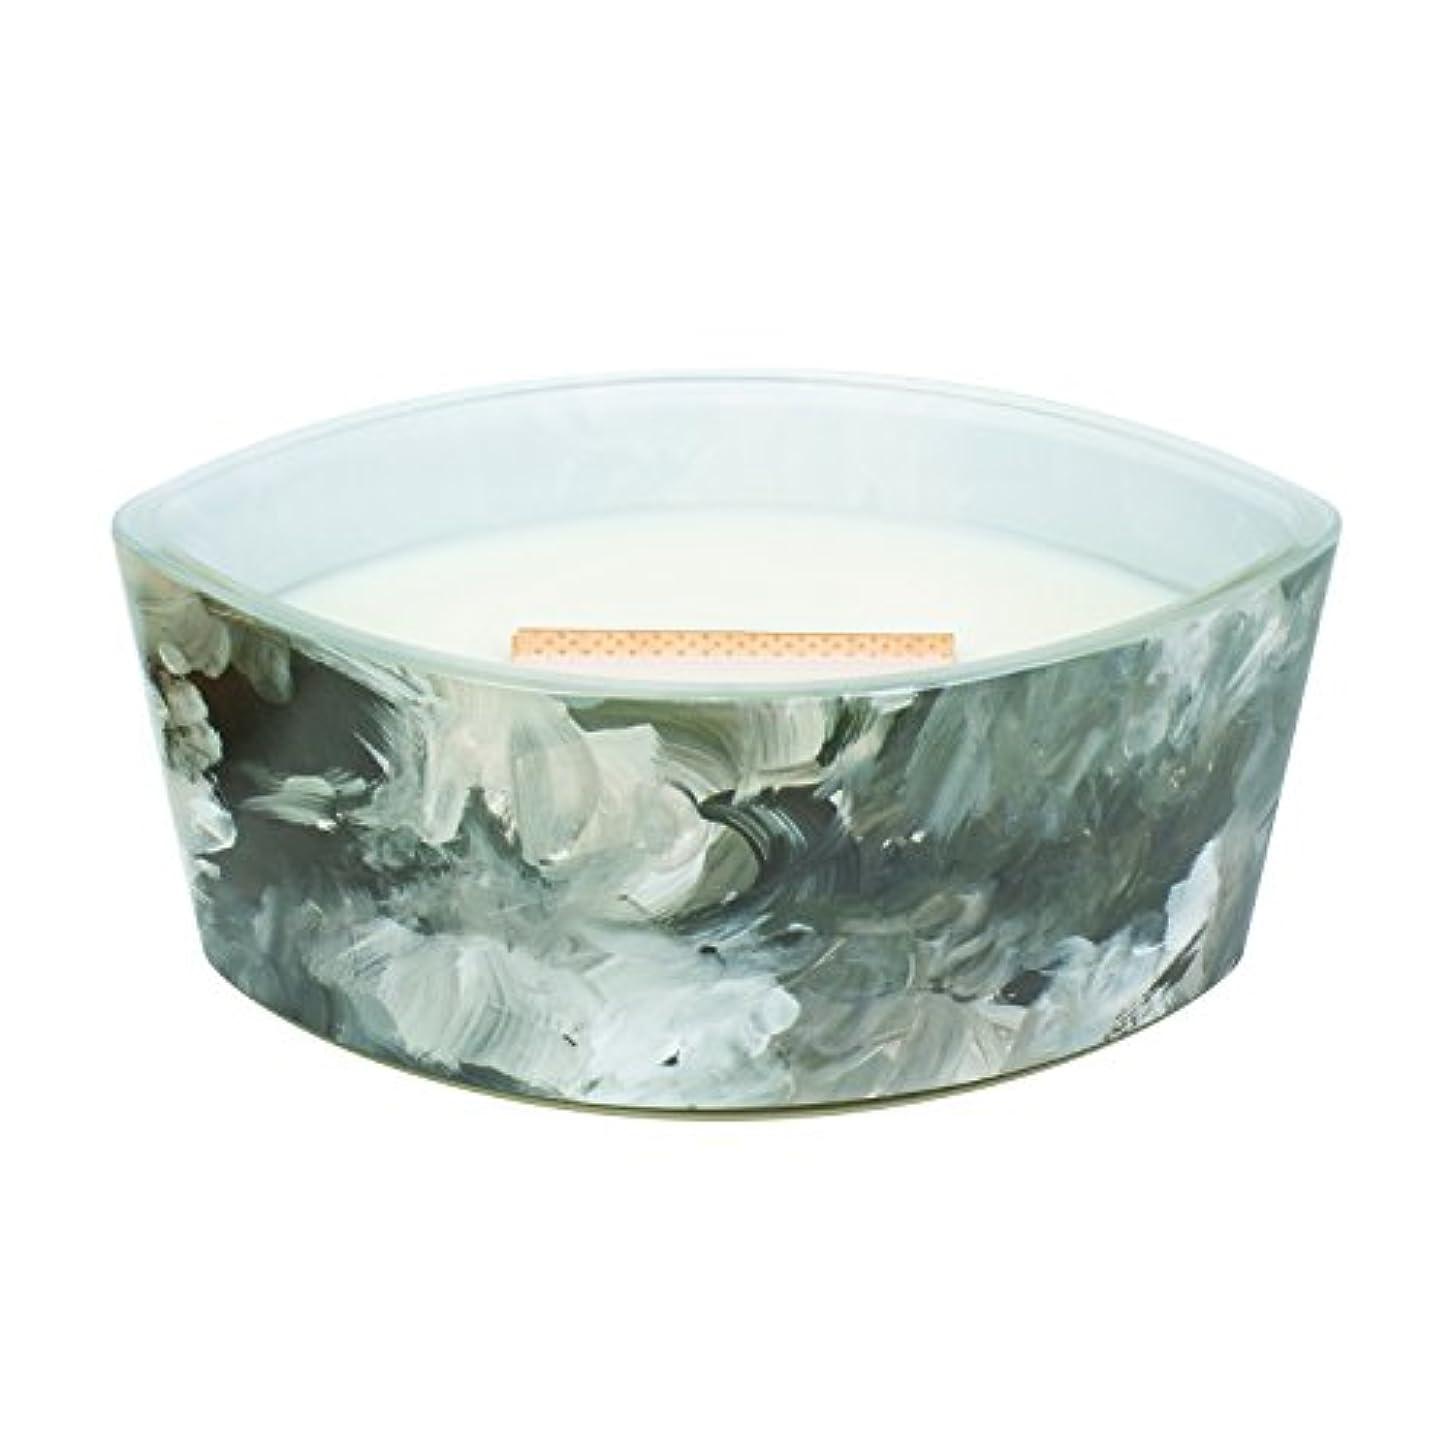 令状ワードローブ純粋にブラックオレンジCitrus – アーティザンコレクション楕円WoodWick香りつきJar Candle